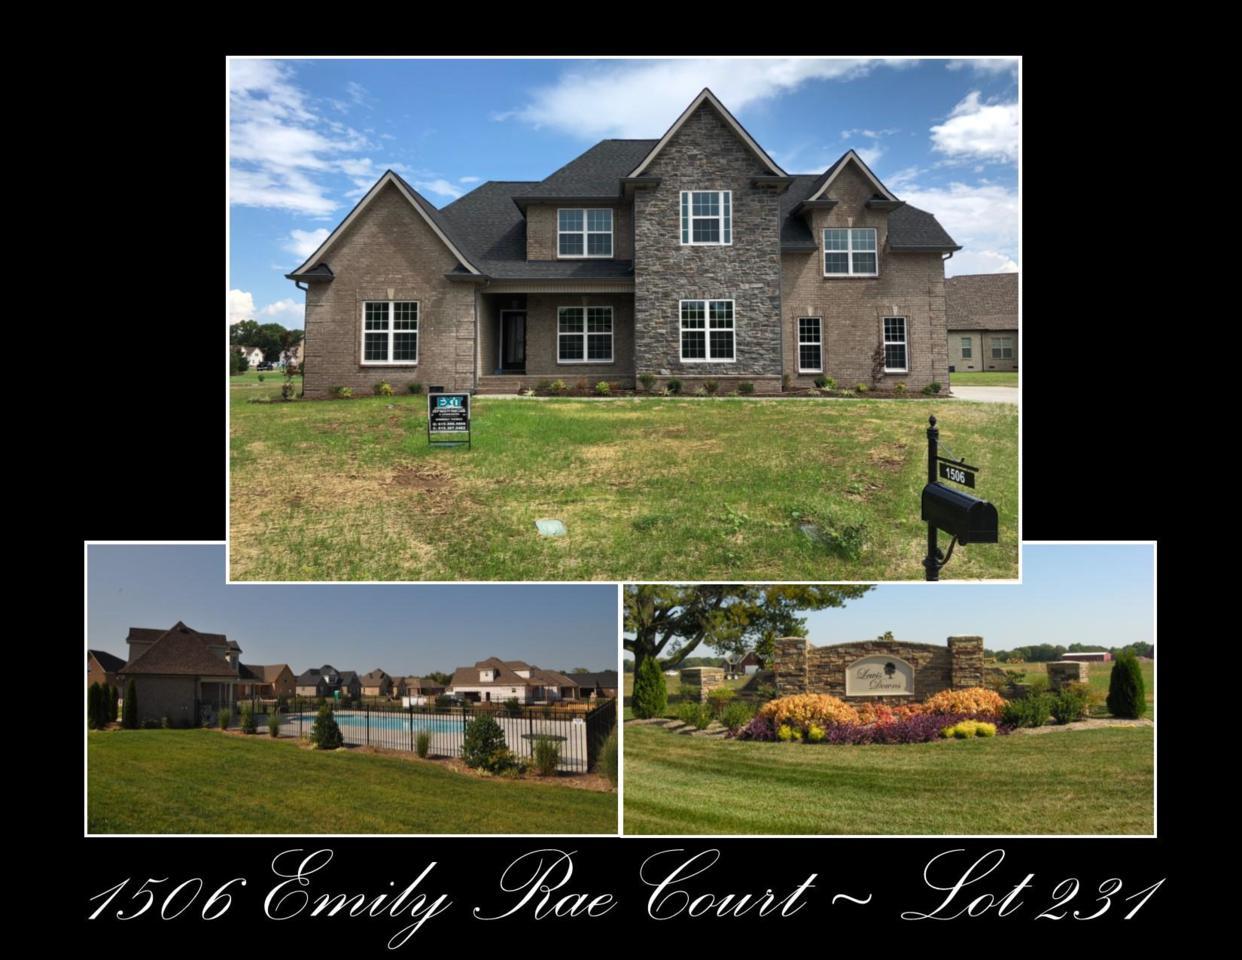 1506 Emily Rae Ct - Lot 231 - Photo 1